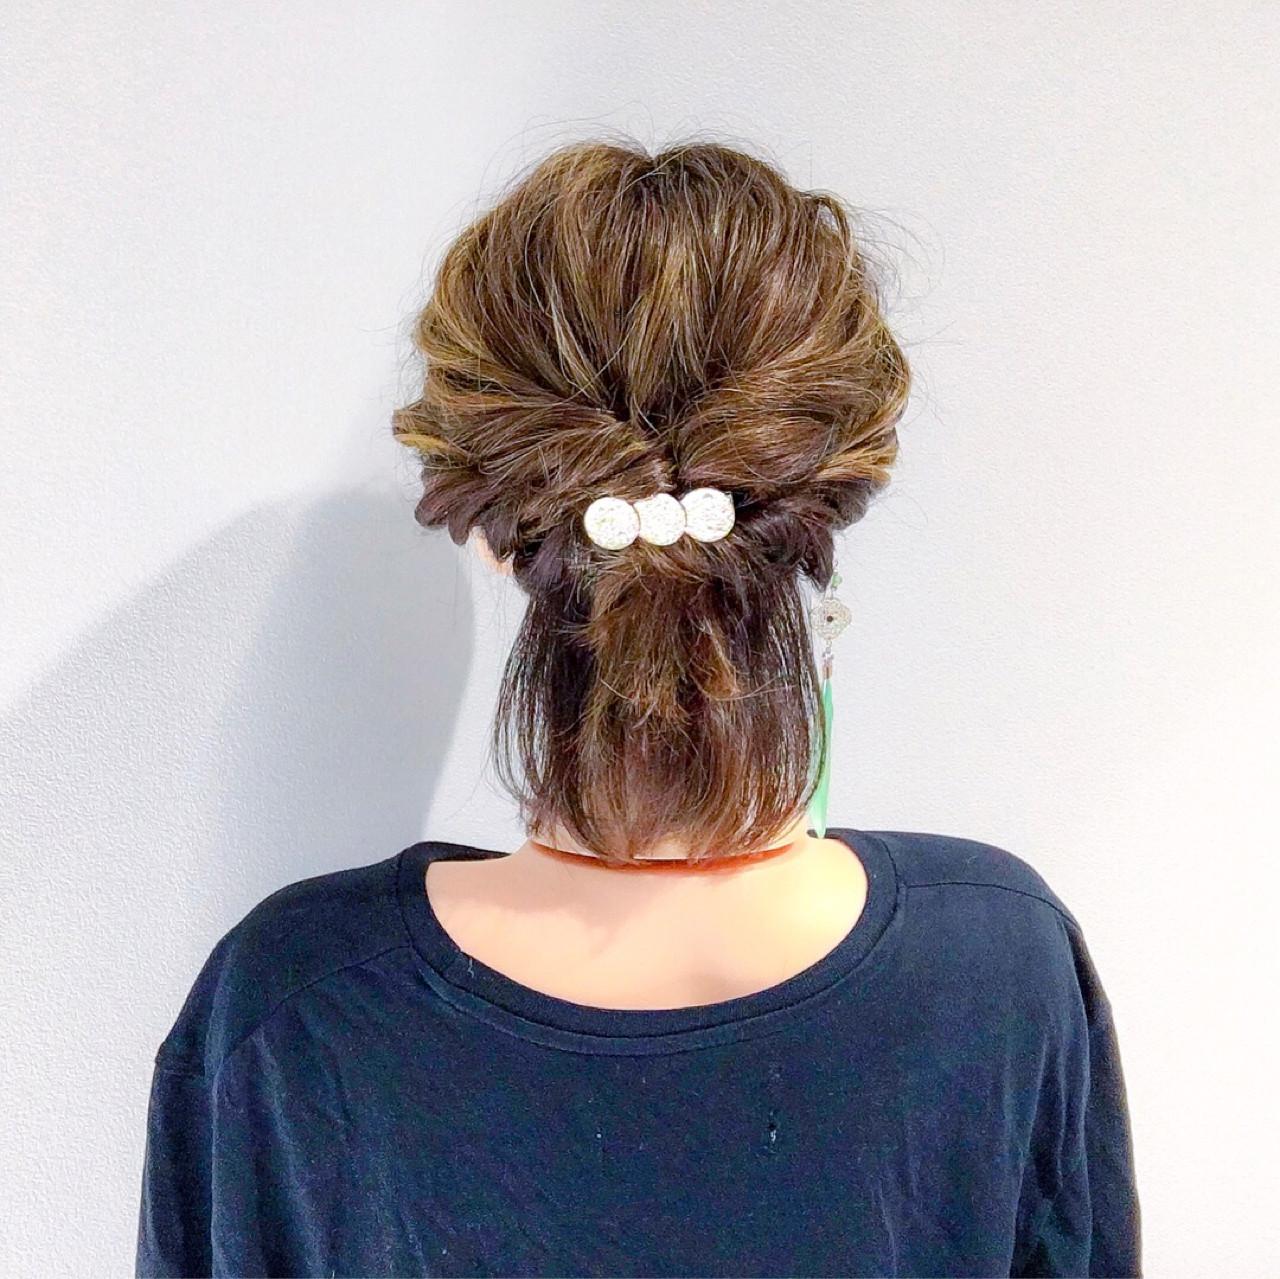 アウトドア ボブ フェミニン デート ヘアスタイルや髪型の写真・画像